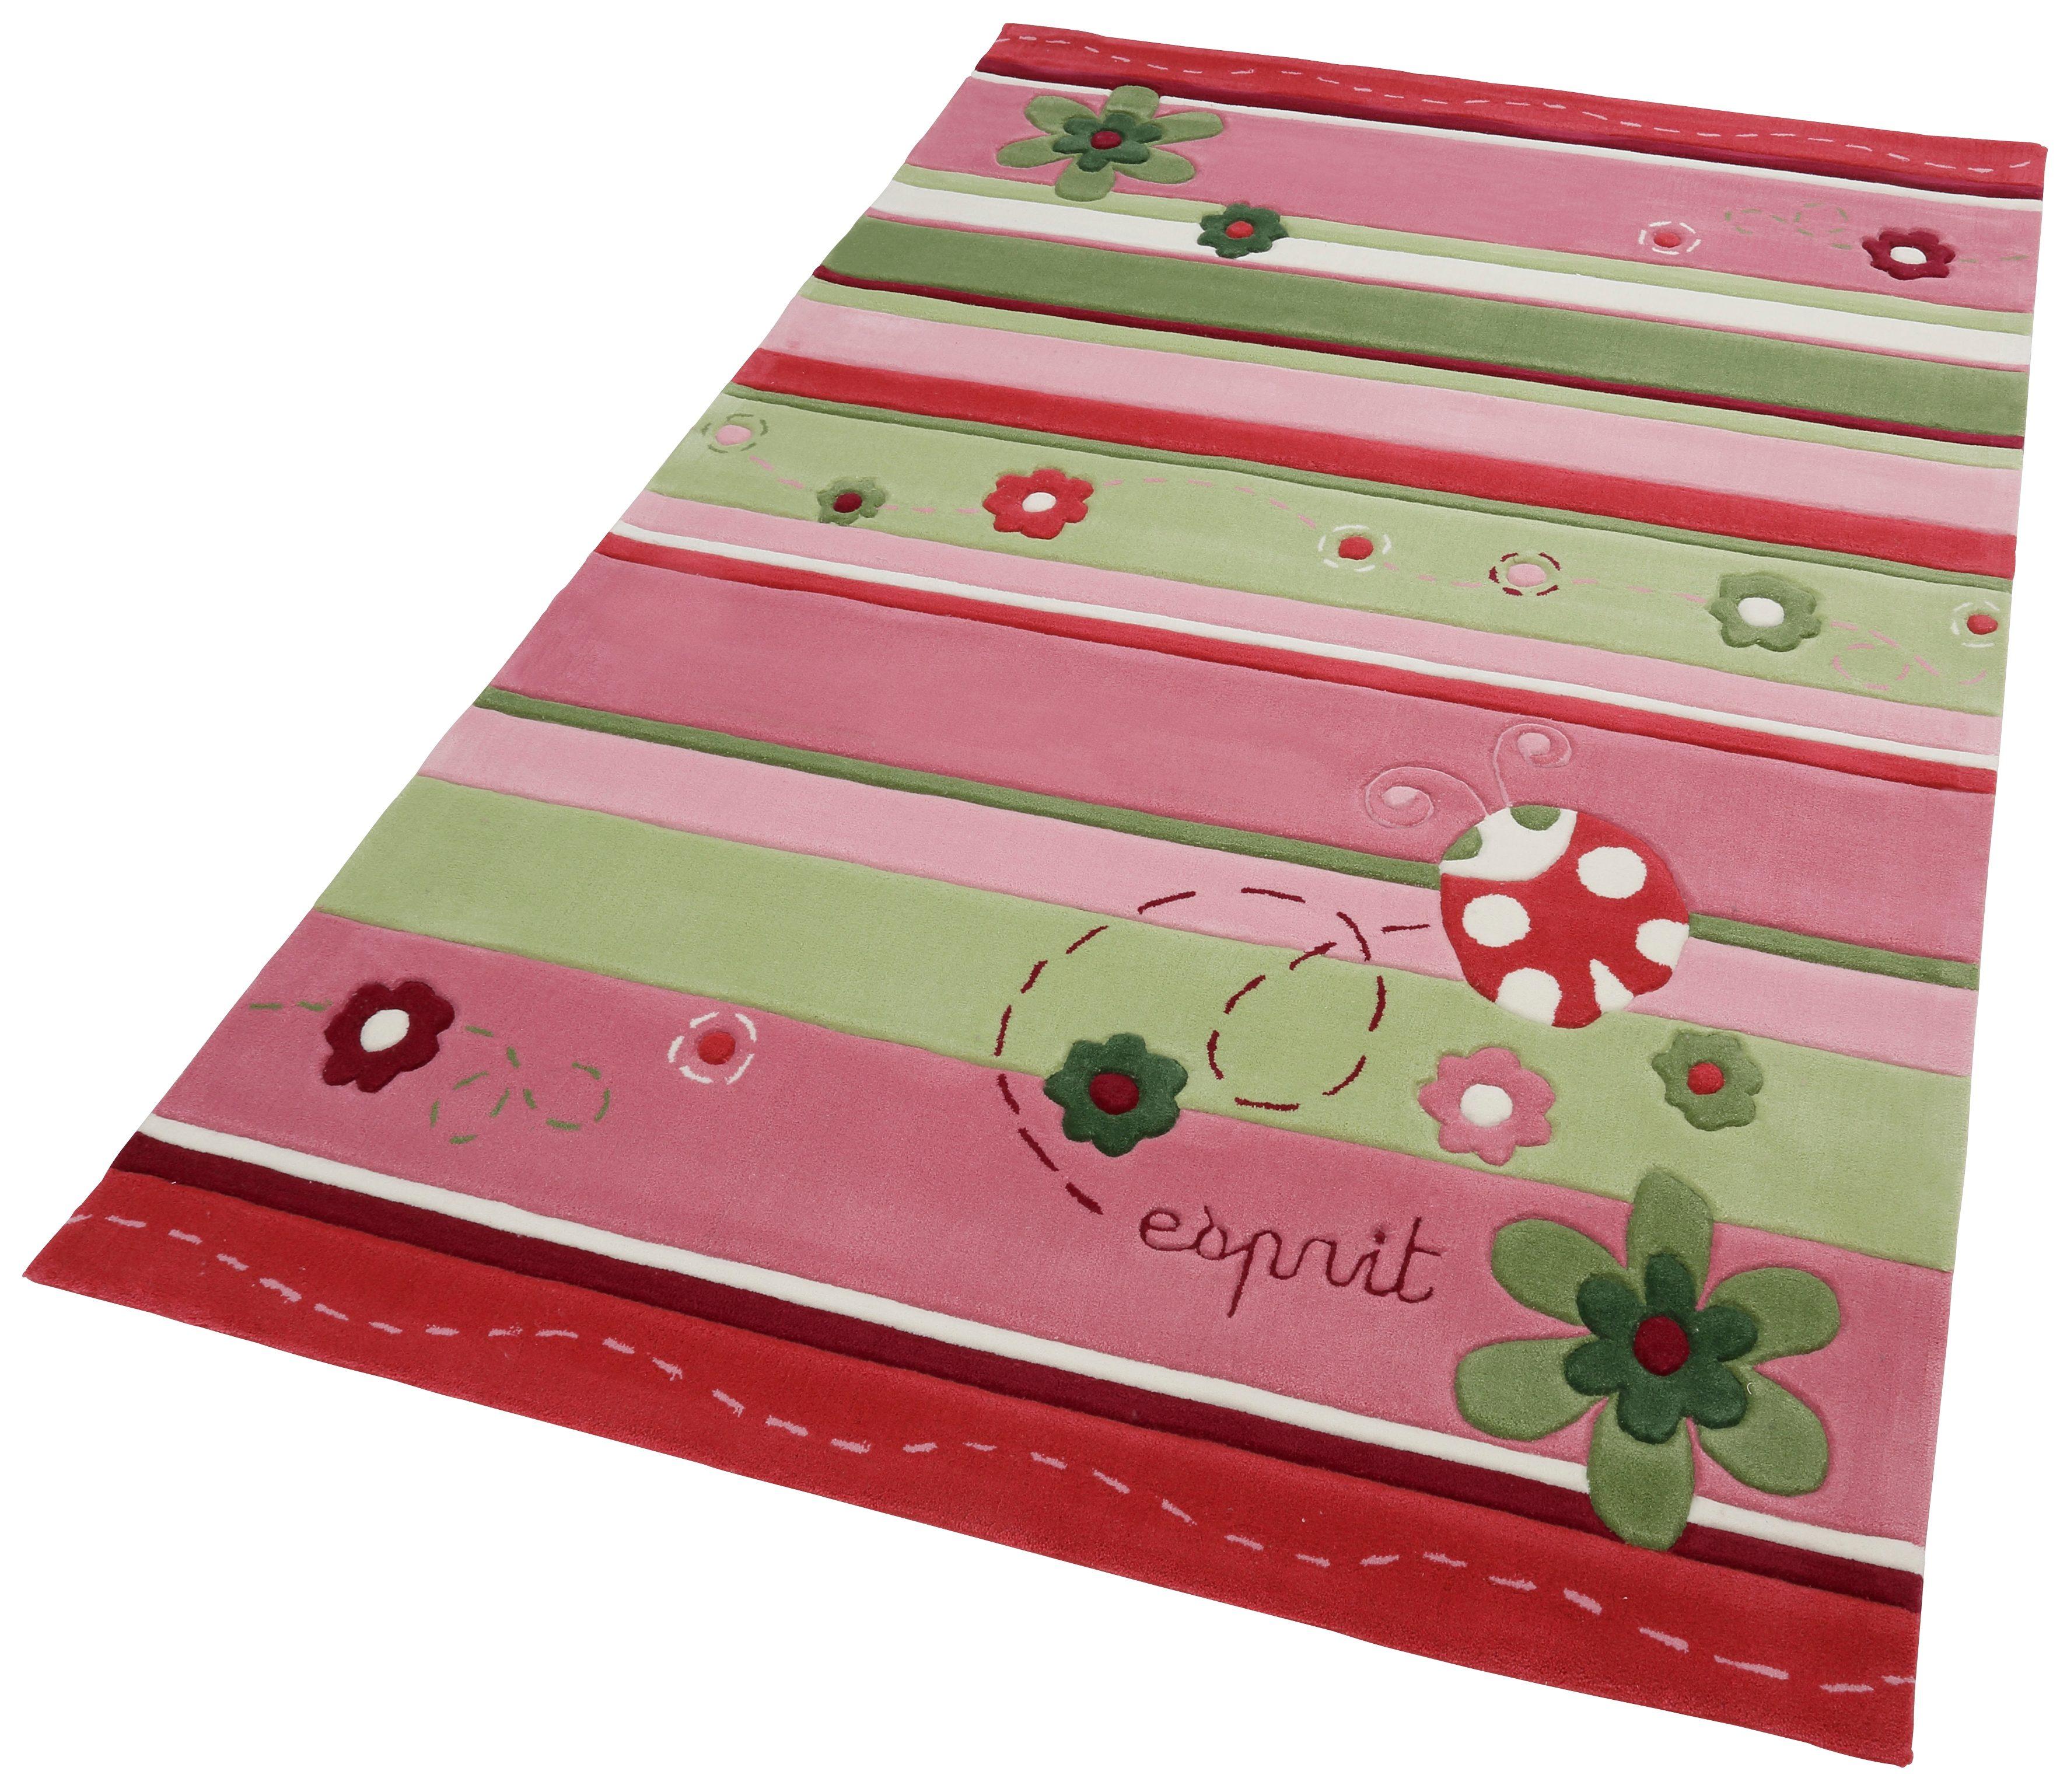 Kinderteppich Ladybird Esprit rechteckig Höhe 10 mm handgetuftet